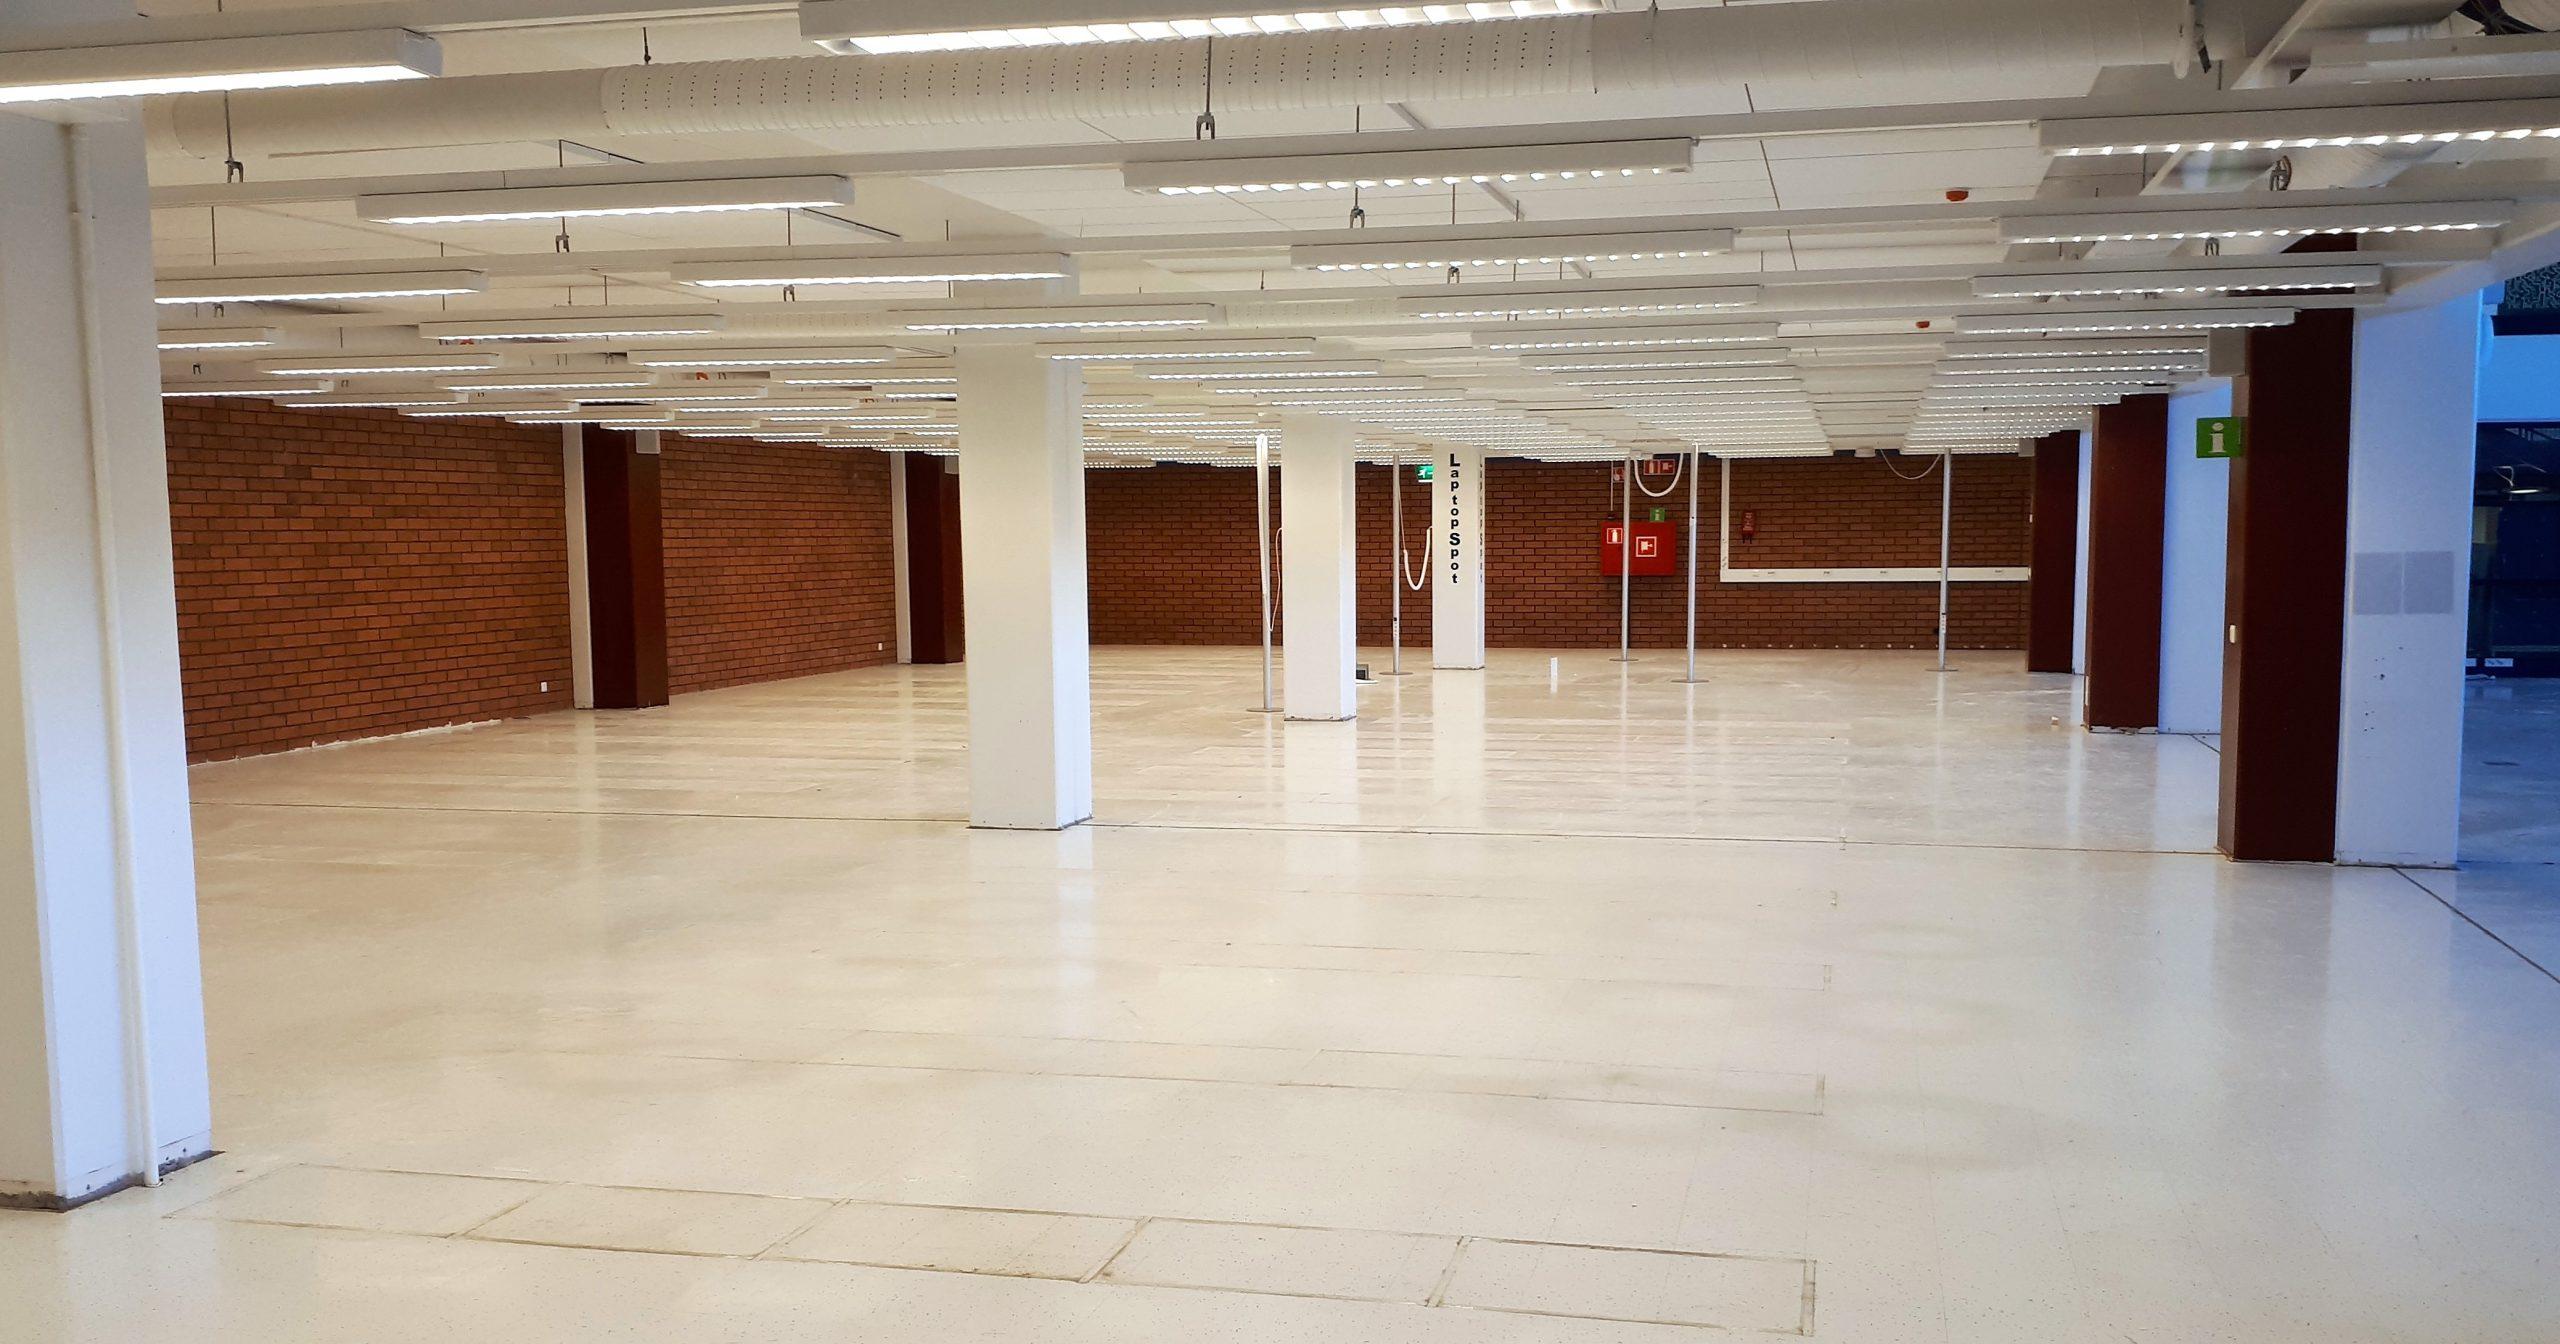 Tyhjä kirjastotila, tiiliseinä, pylväitä, nurhuinen lattia.